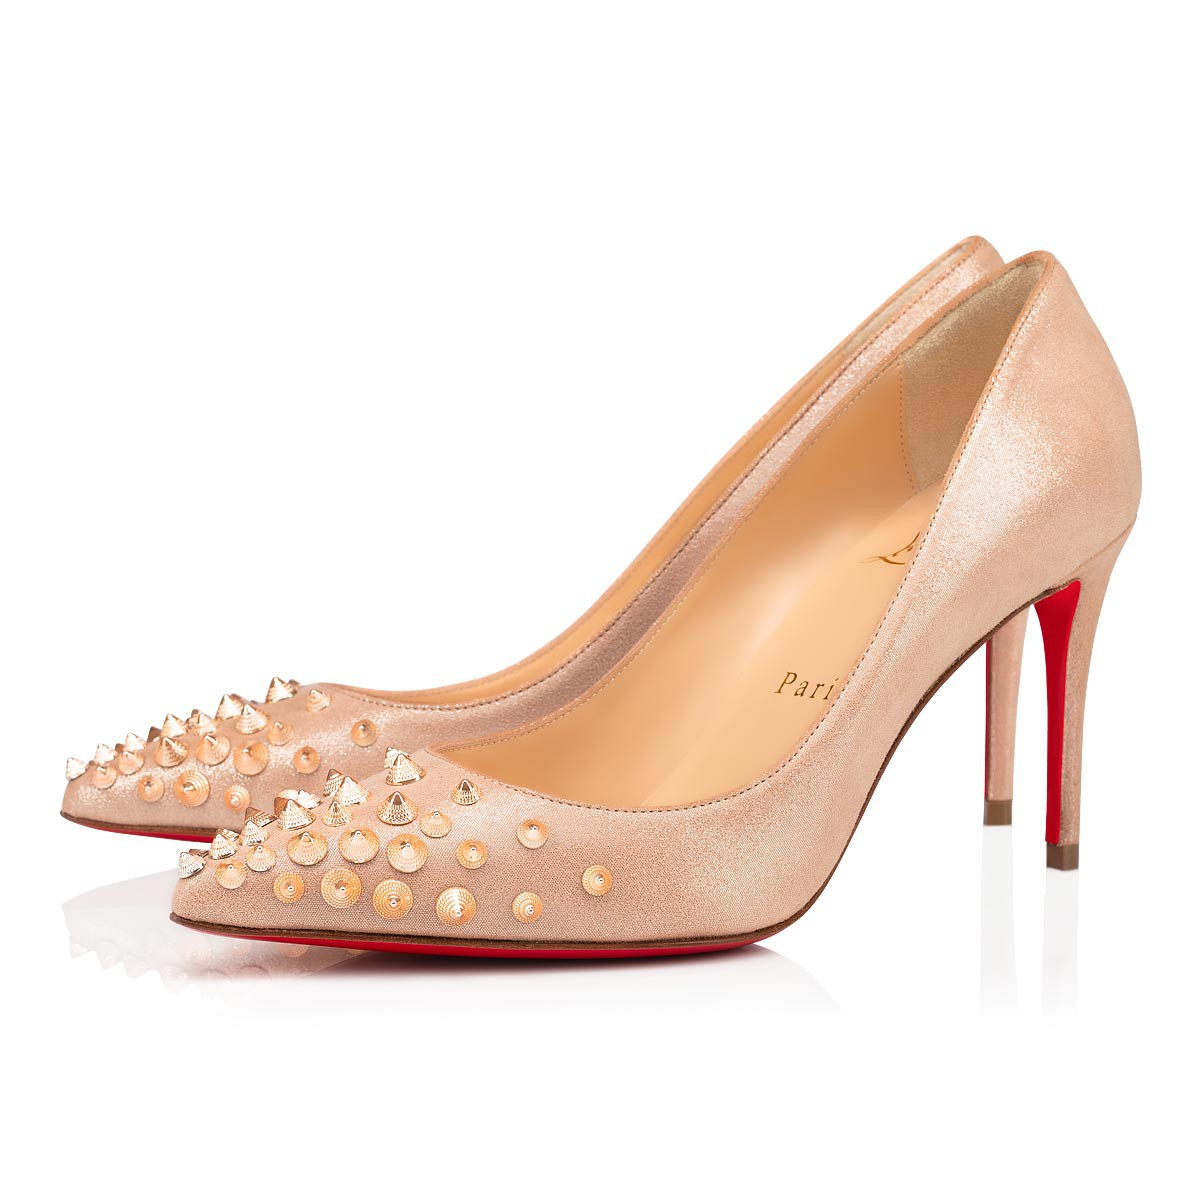 鞋履 - Spikyshell Suede - Christian Louboutin